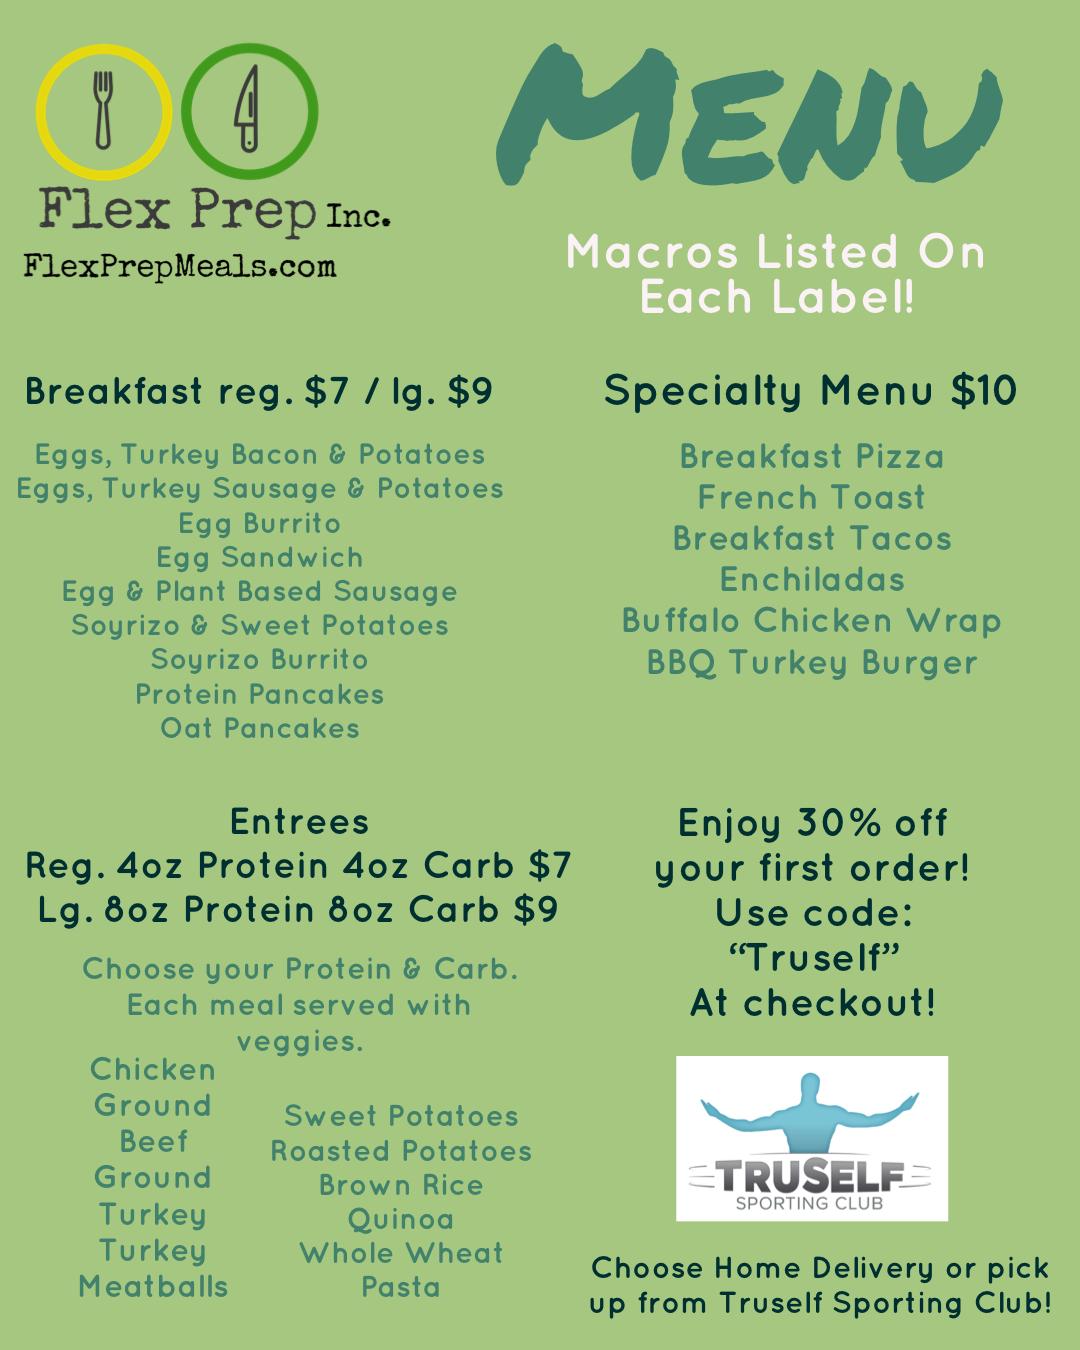 TruSelf Sporting Club gym FlexPrep Meals image menu